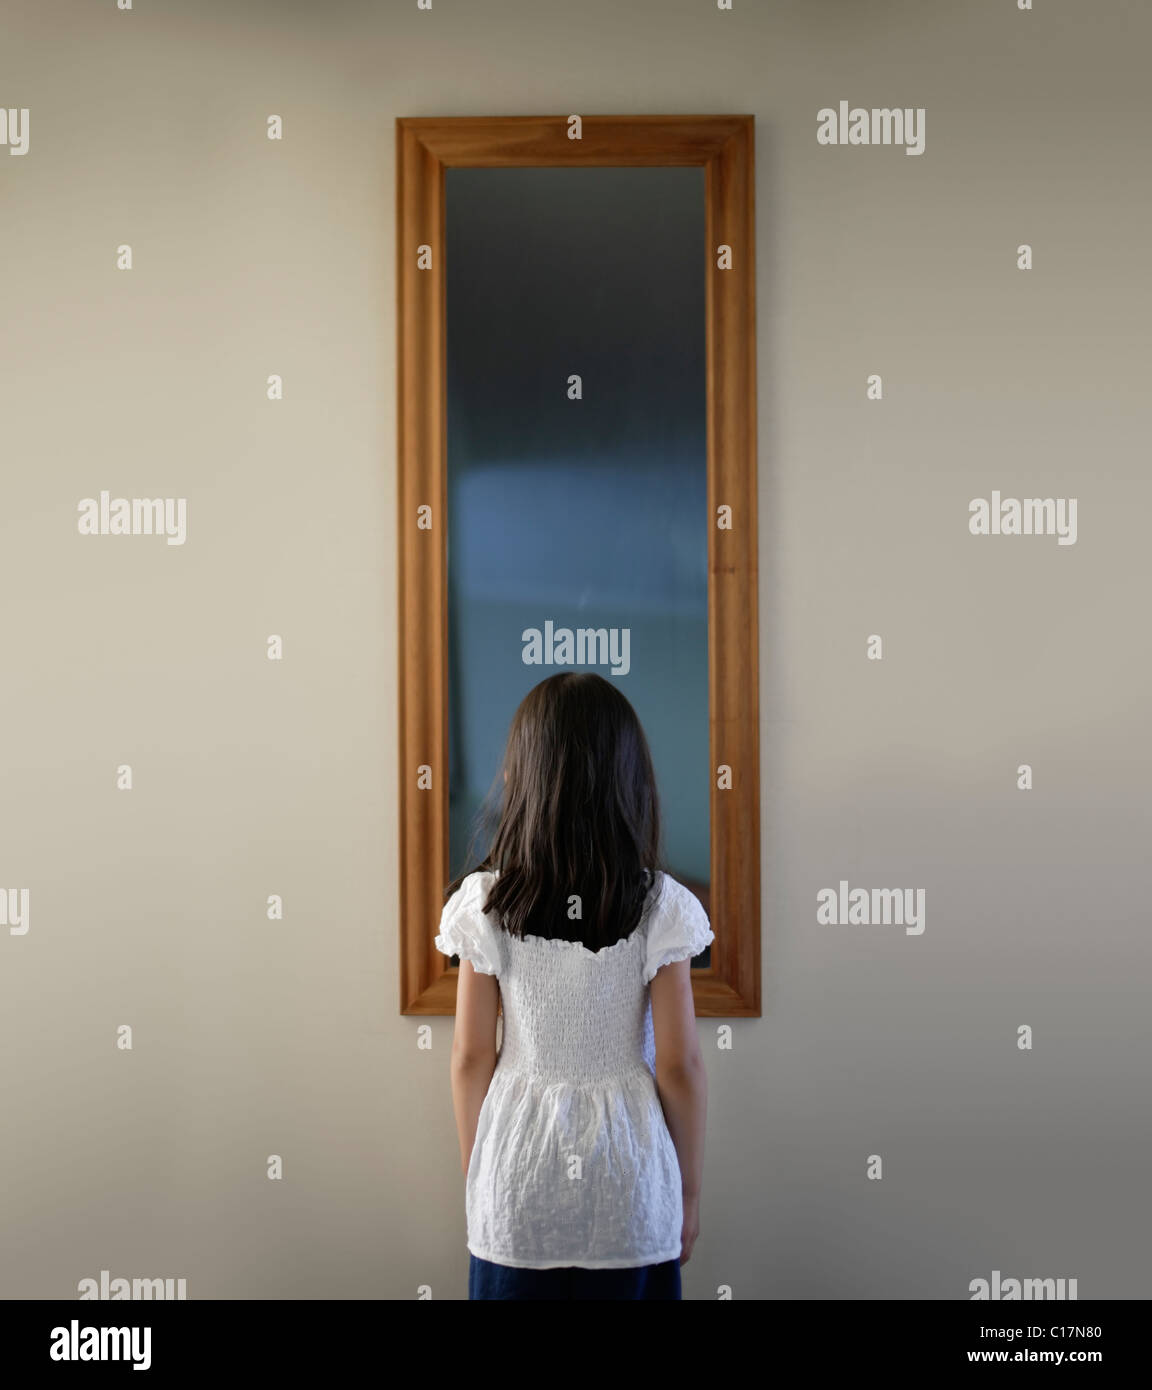 Specchio specchio sulla parete Immagini Stock